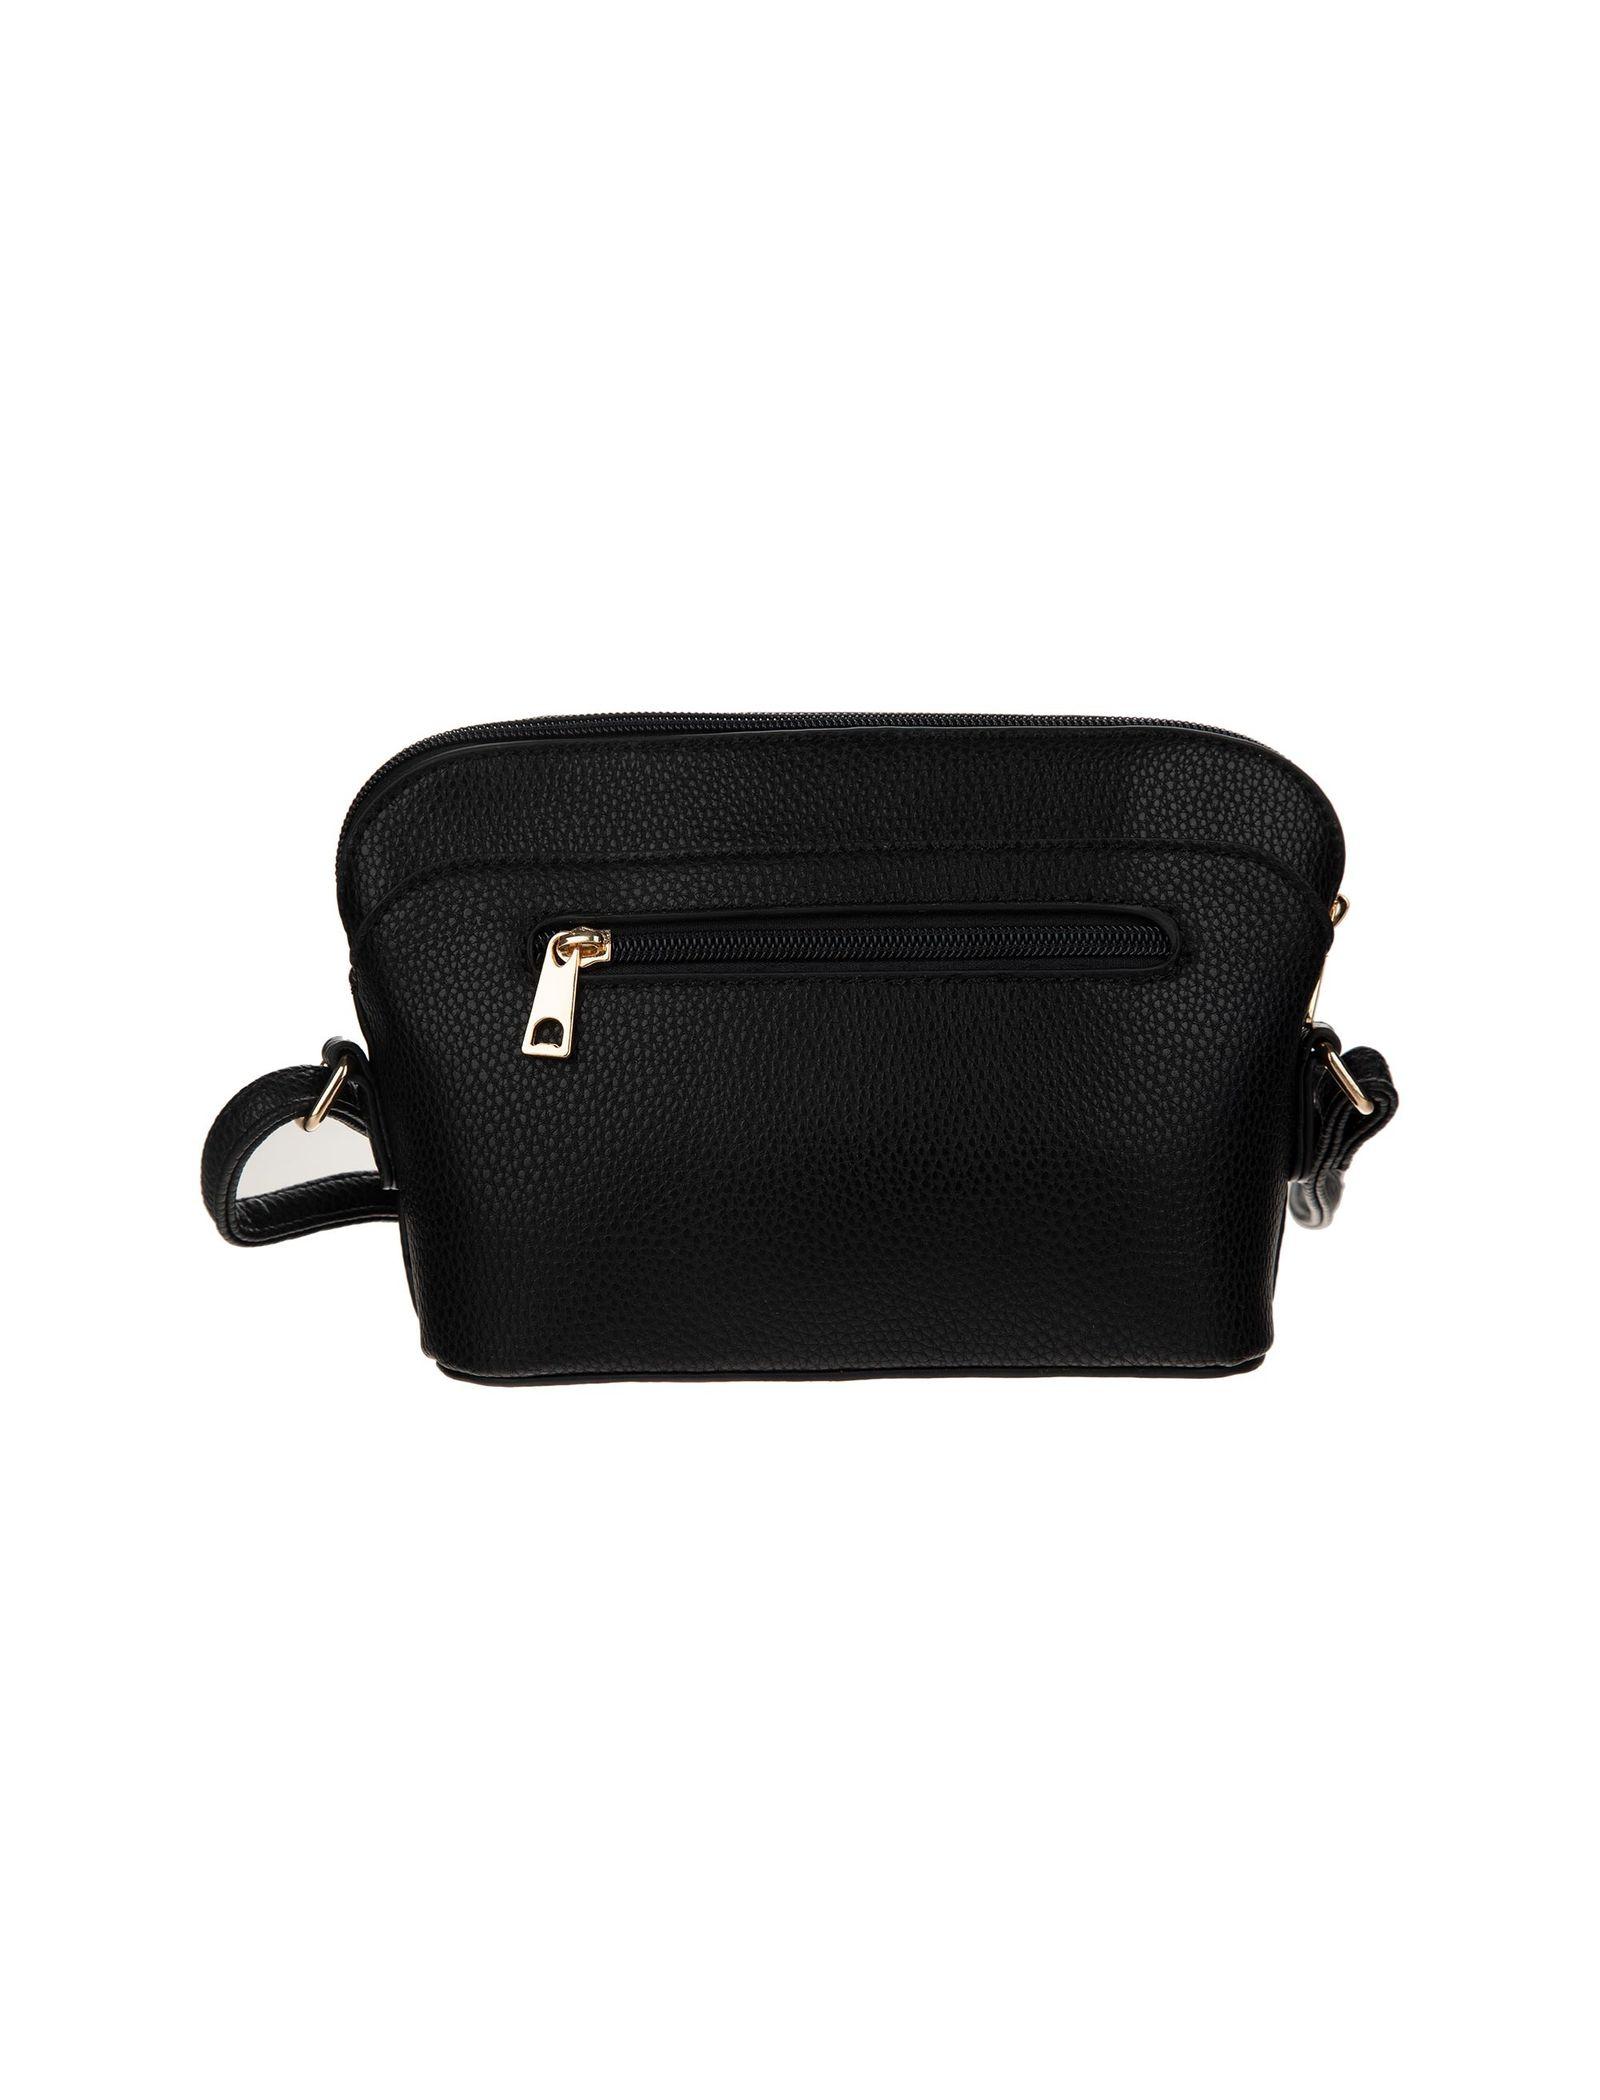 کیف دوشی روزمره زنانه - دادلین تک سایز - مشکي - 4